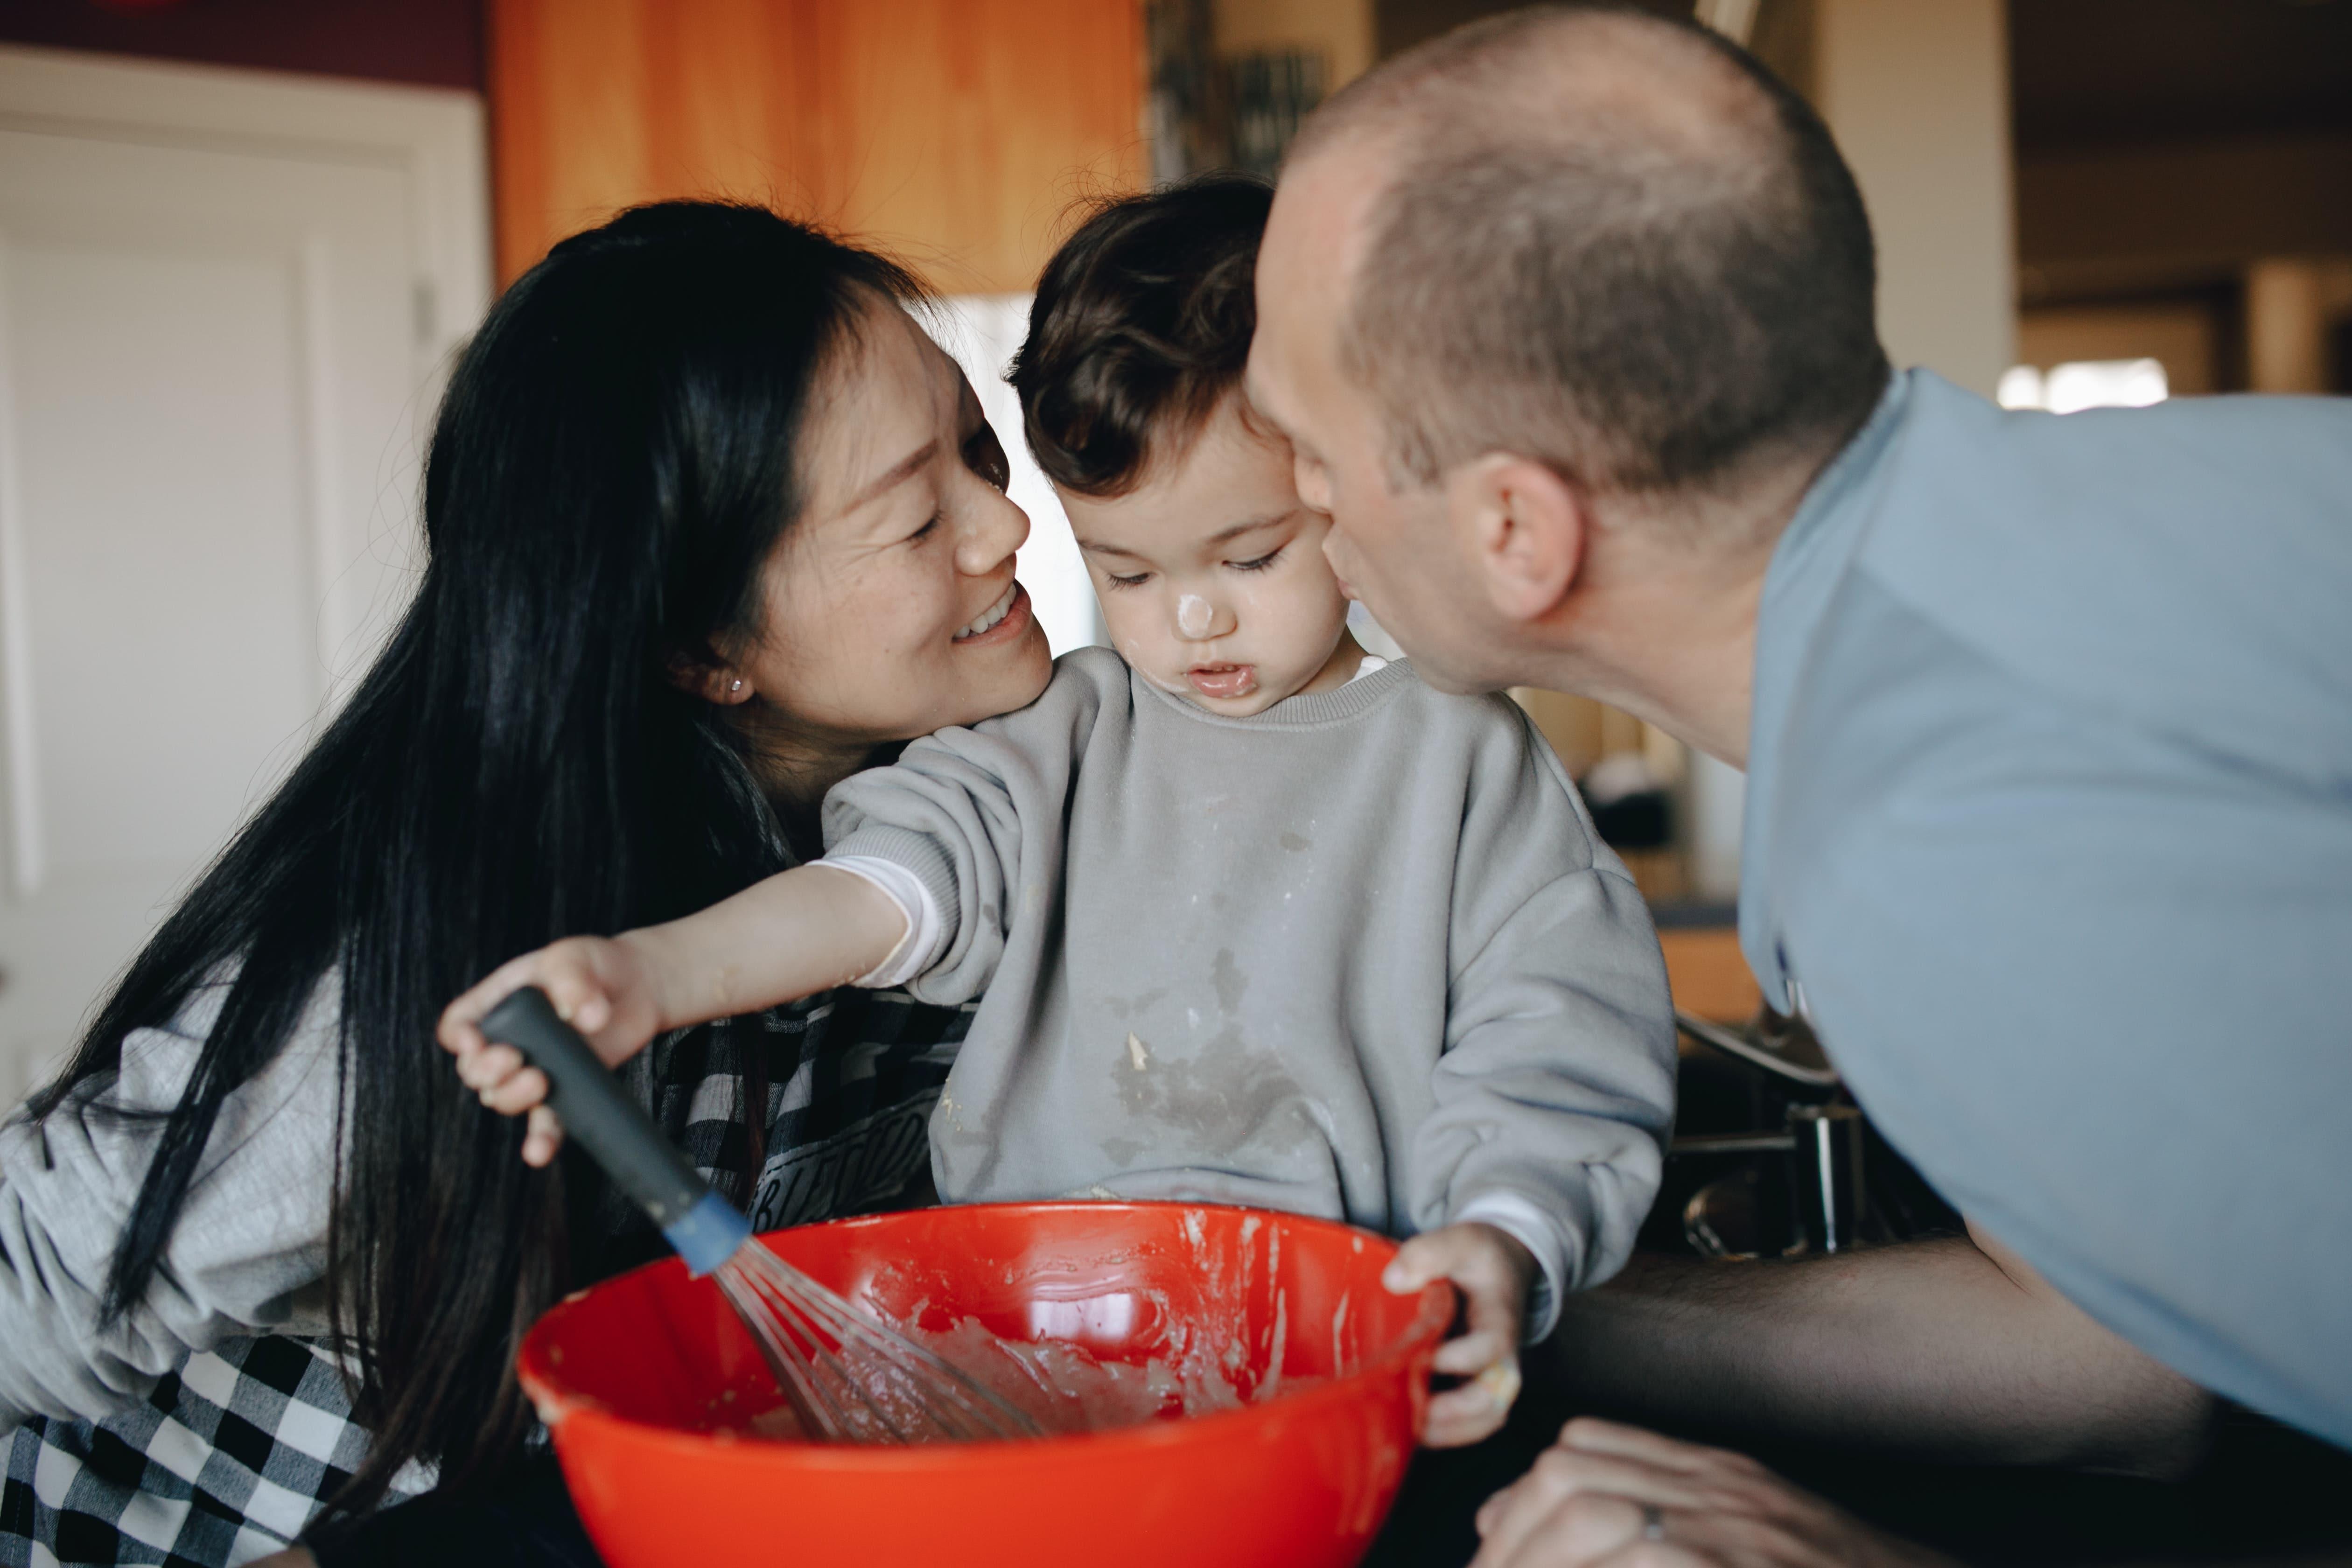 Apprendre à cuisiner SEUL: quand nos enfants en sont-ils vraiment capables?